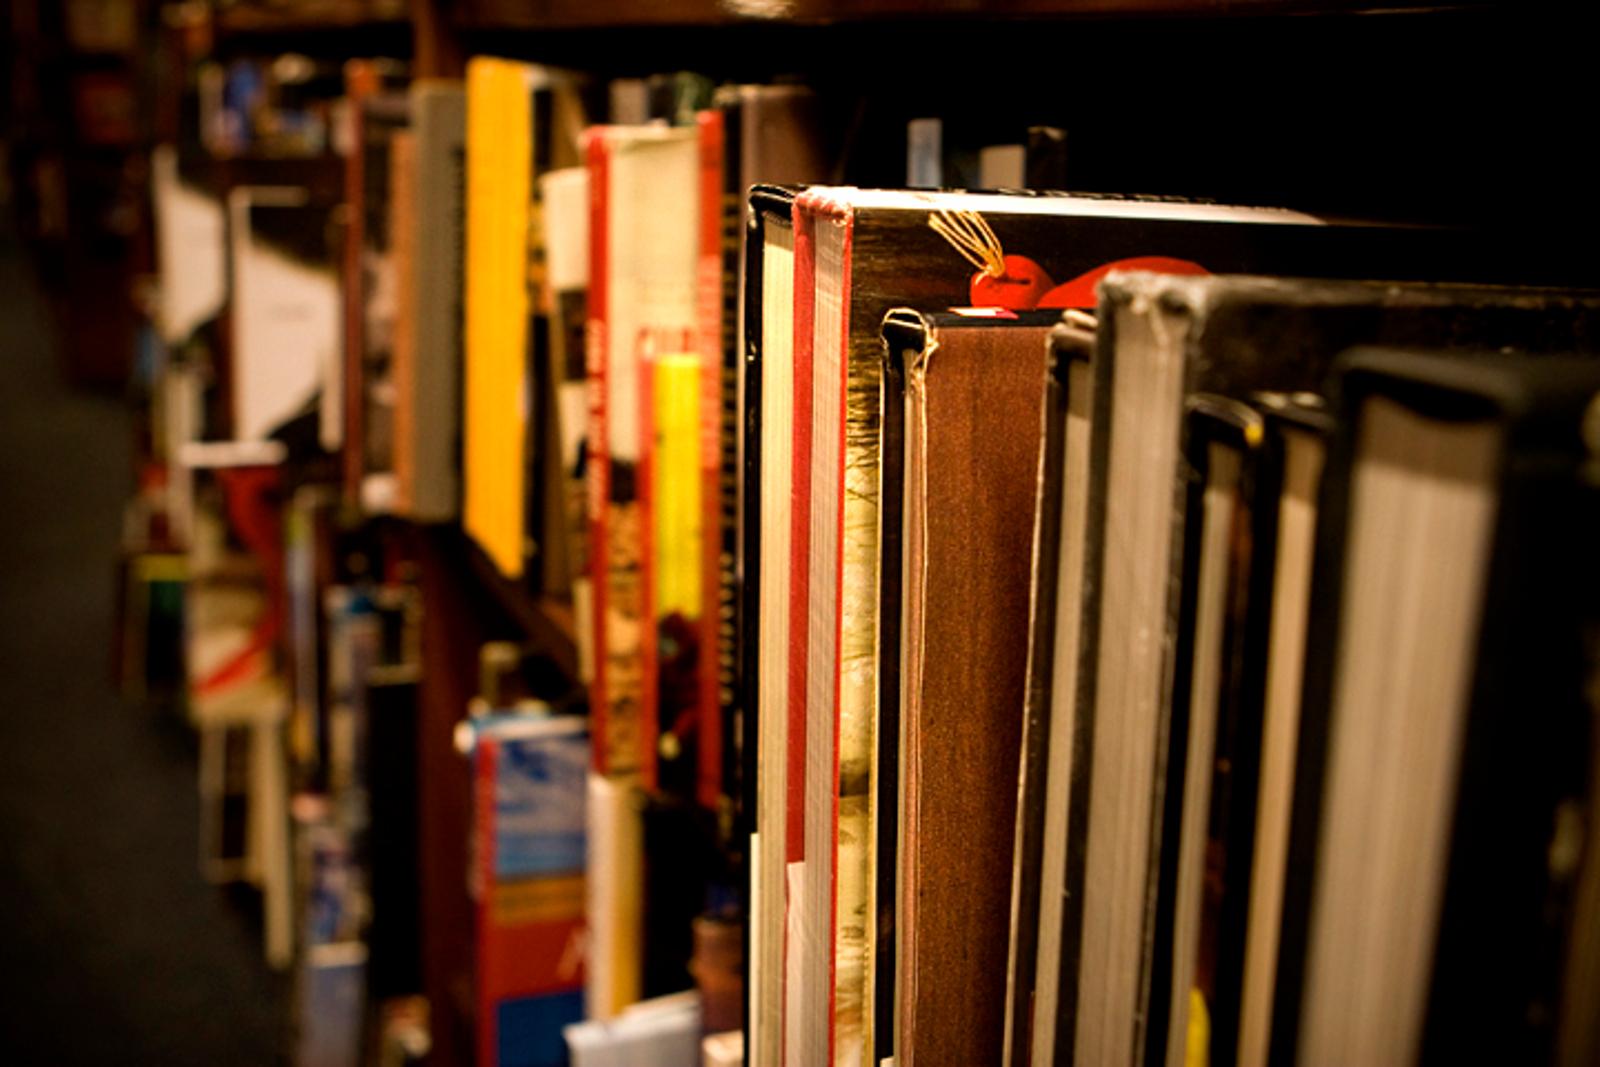 Proposta da Banca Troca de Livros é incentivar a prática da leitura (Foto: EBC)